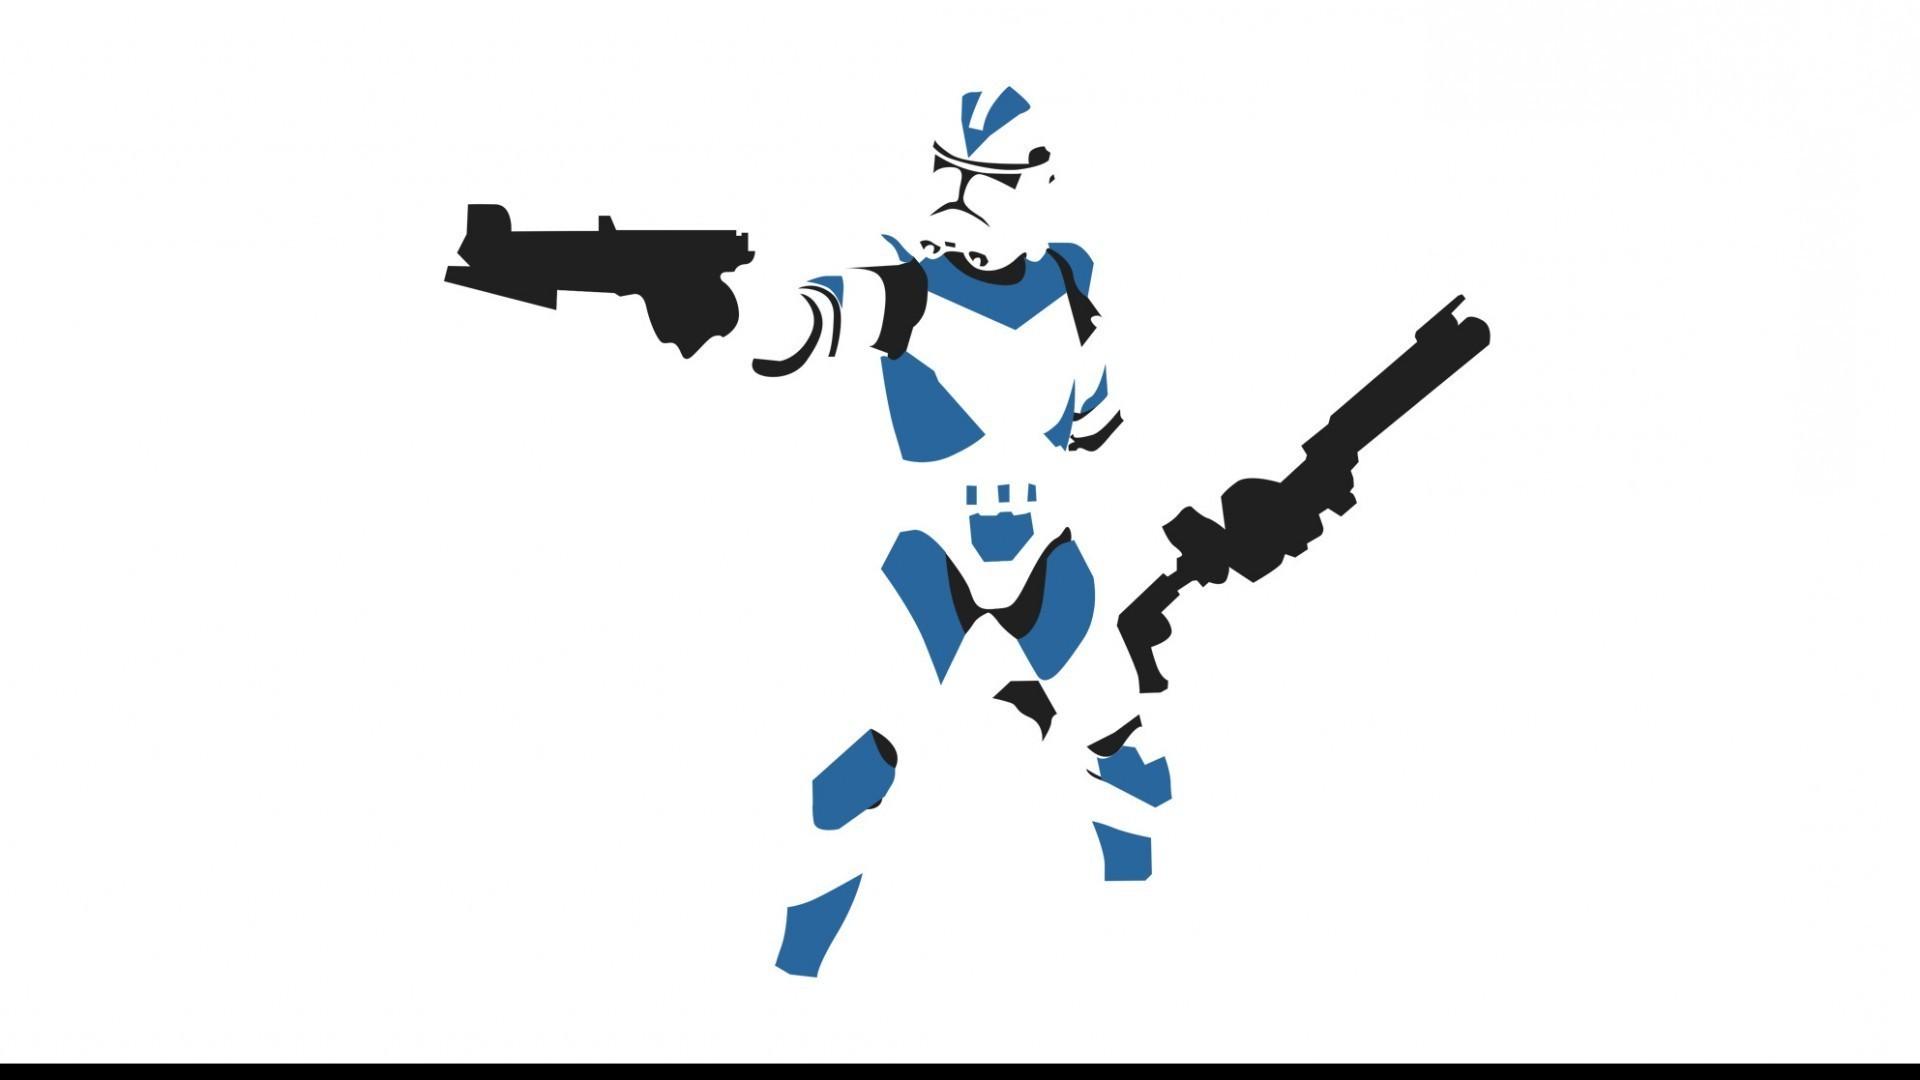 Star Wars, Clone Trooper, Minimalism